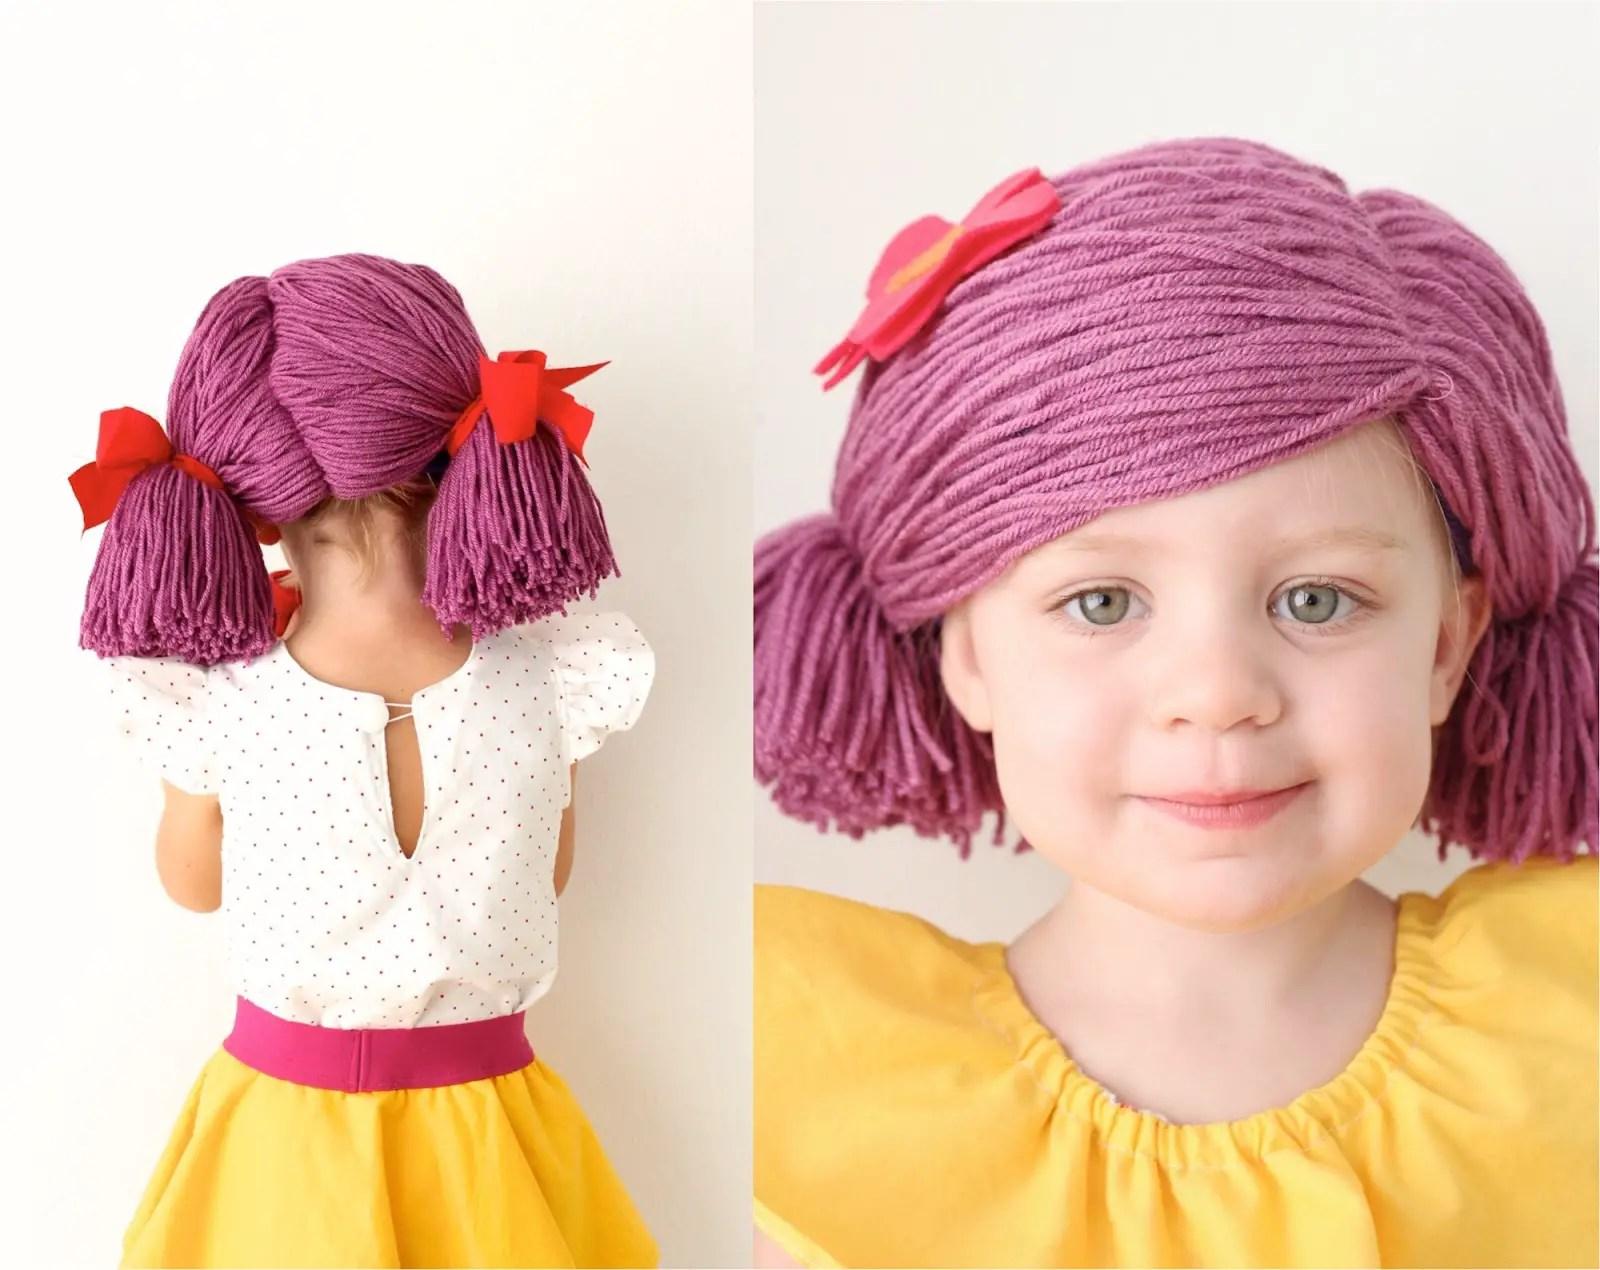 20 Ways To Make A Yarn Wig